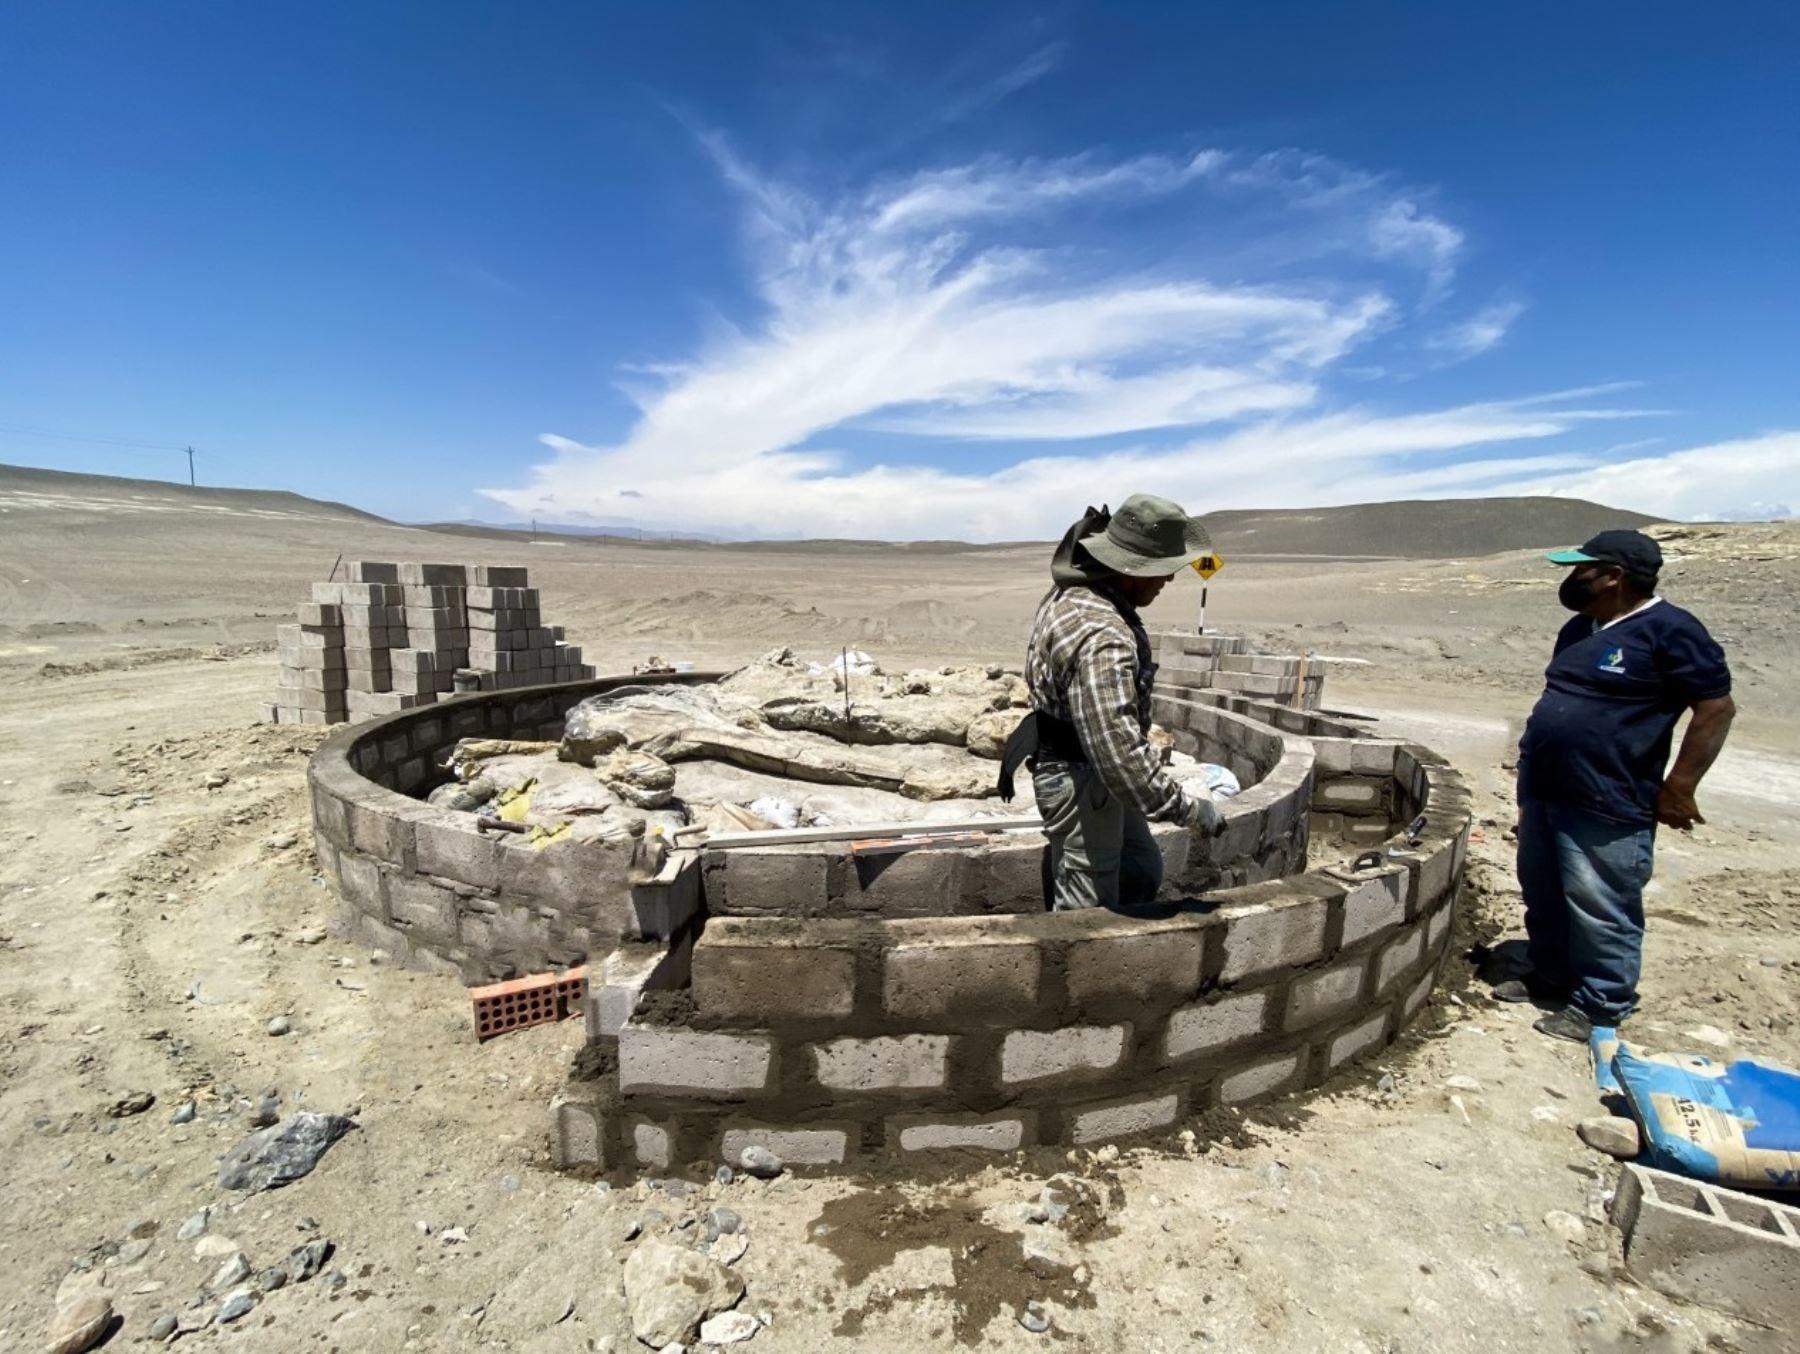 Proyecto científico busca impulsar el turismo paleontológico en la región Arequipa y poner en valor el yacimiento de fósiles de ballenas de Sacaco, ubicado en el distrito de Bella Unión. ANDINA/Difusión